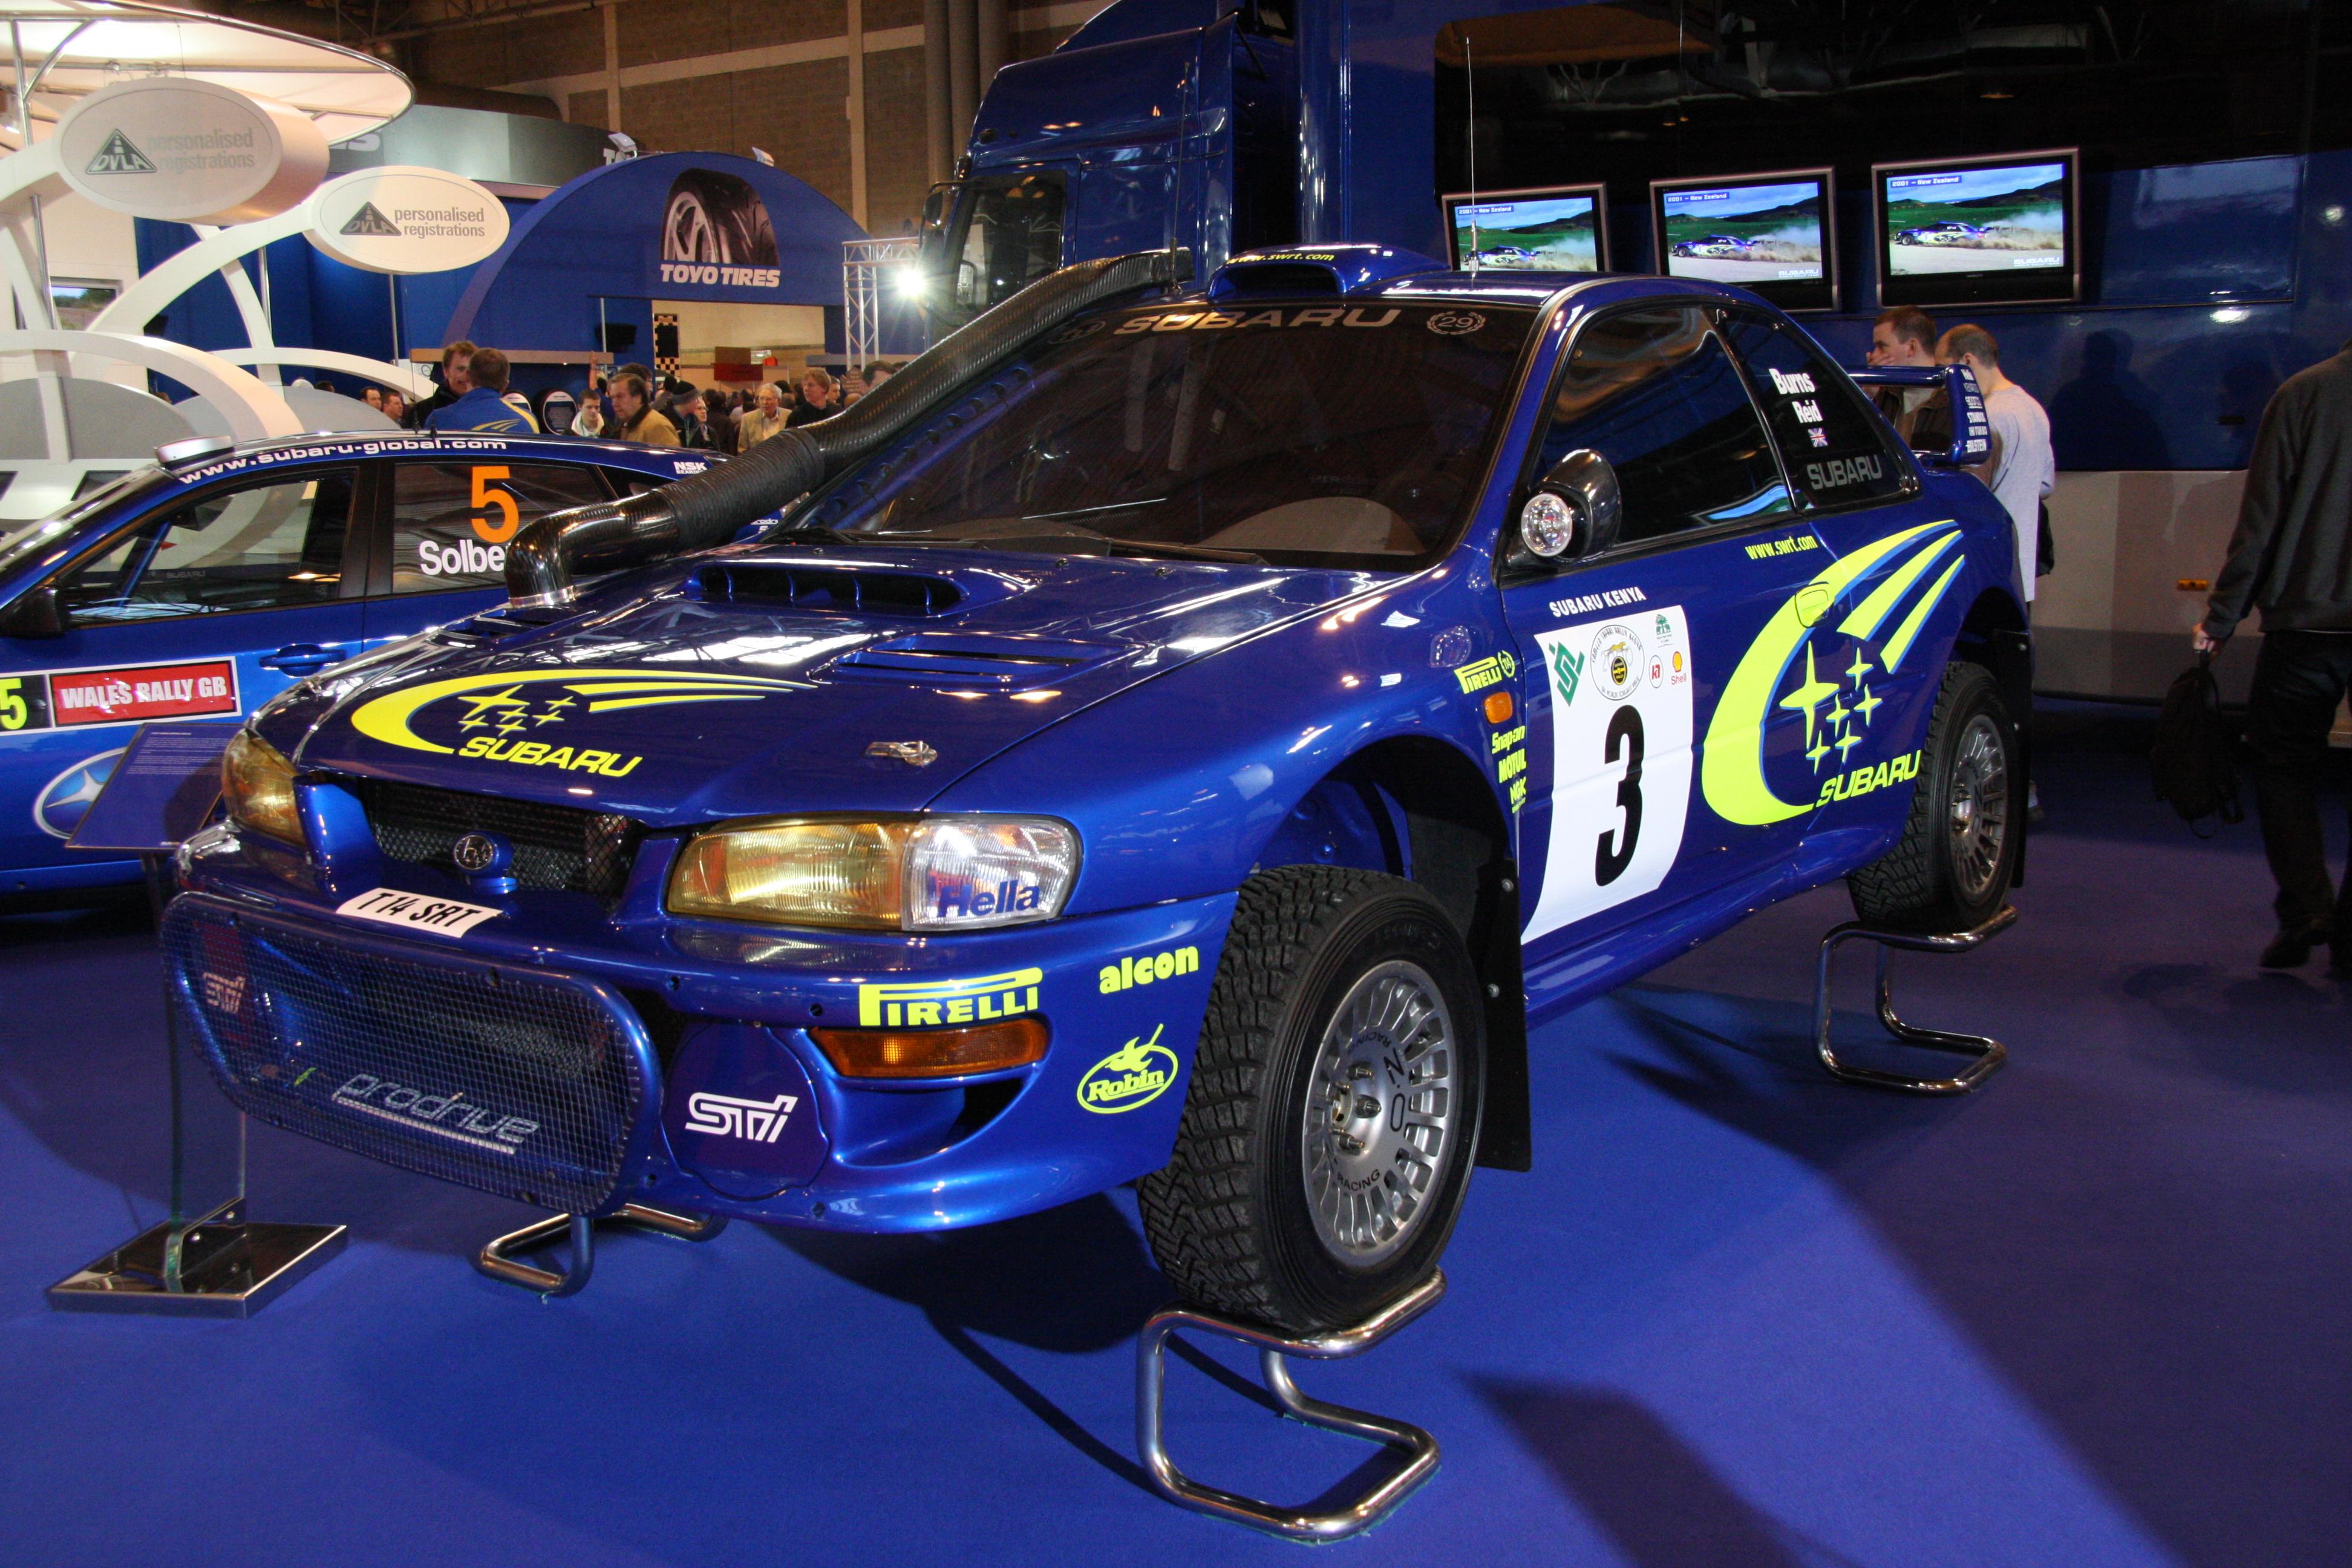 Wrx Sti Rally >> File:Safari Rally Subaru Impreza WRC - Flickr - exfordy.jpg - Wikimedia Commons